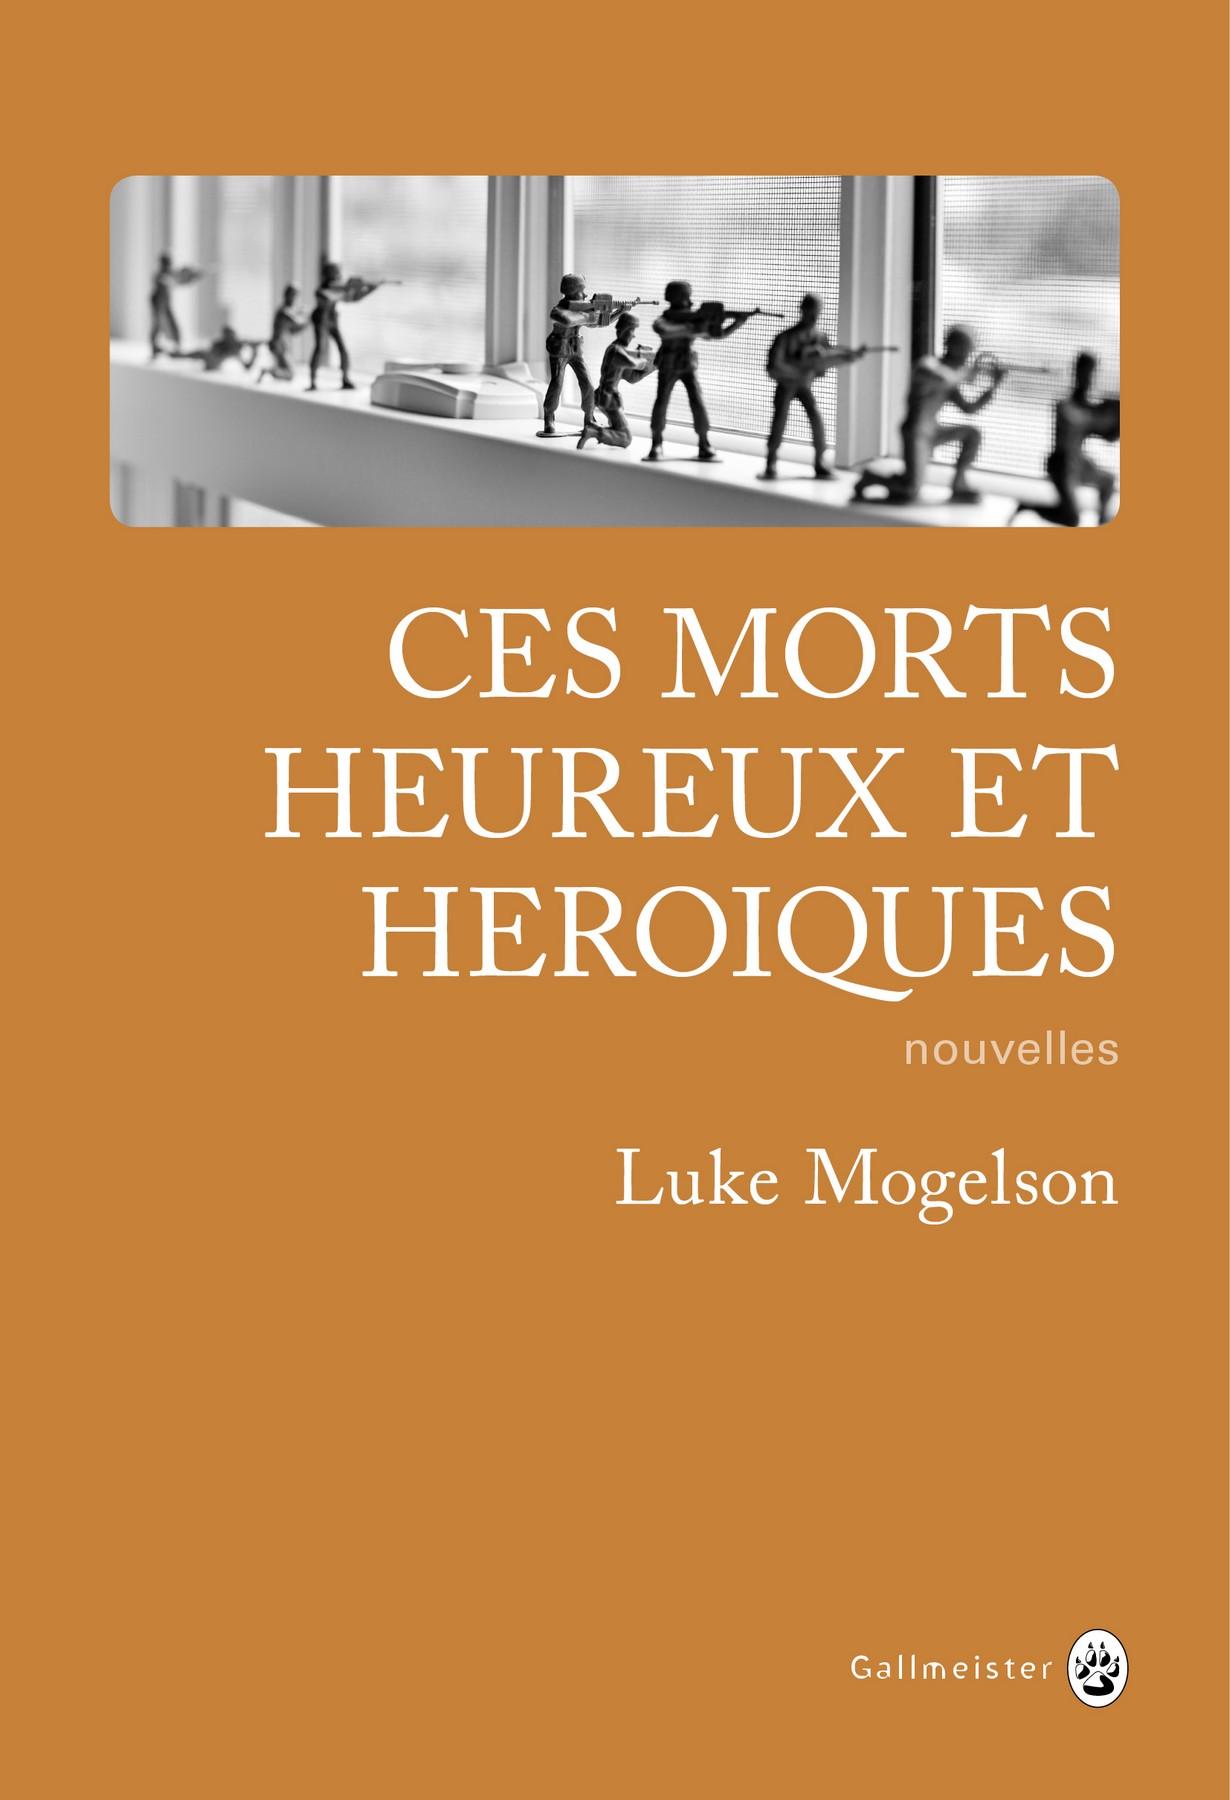 """Résultat de recherche d'images pour """"Ces morts heureux et héroïques / Luke Mogelson"""""""